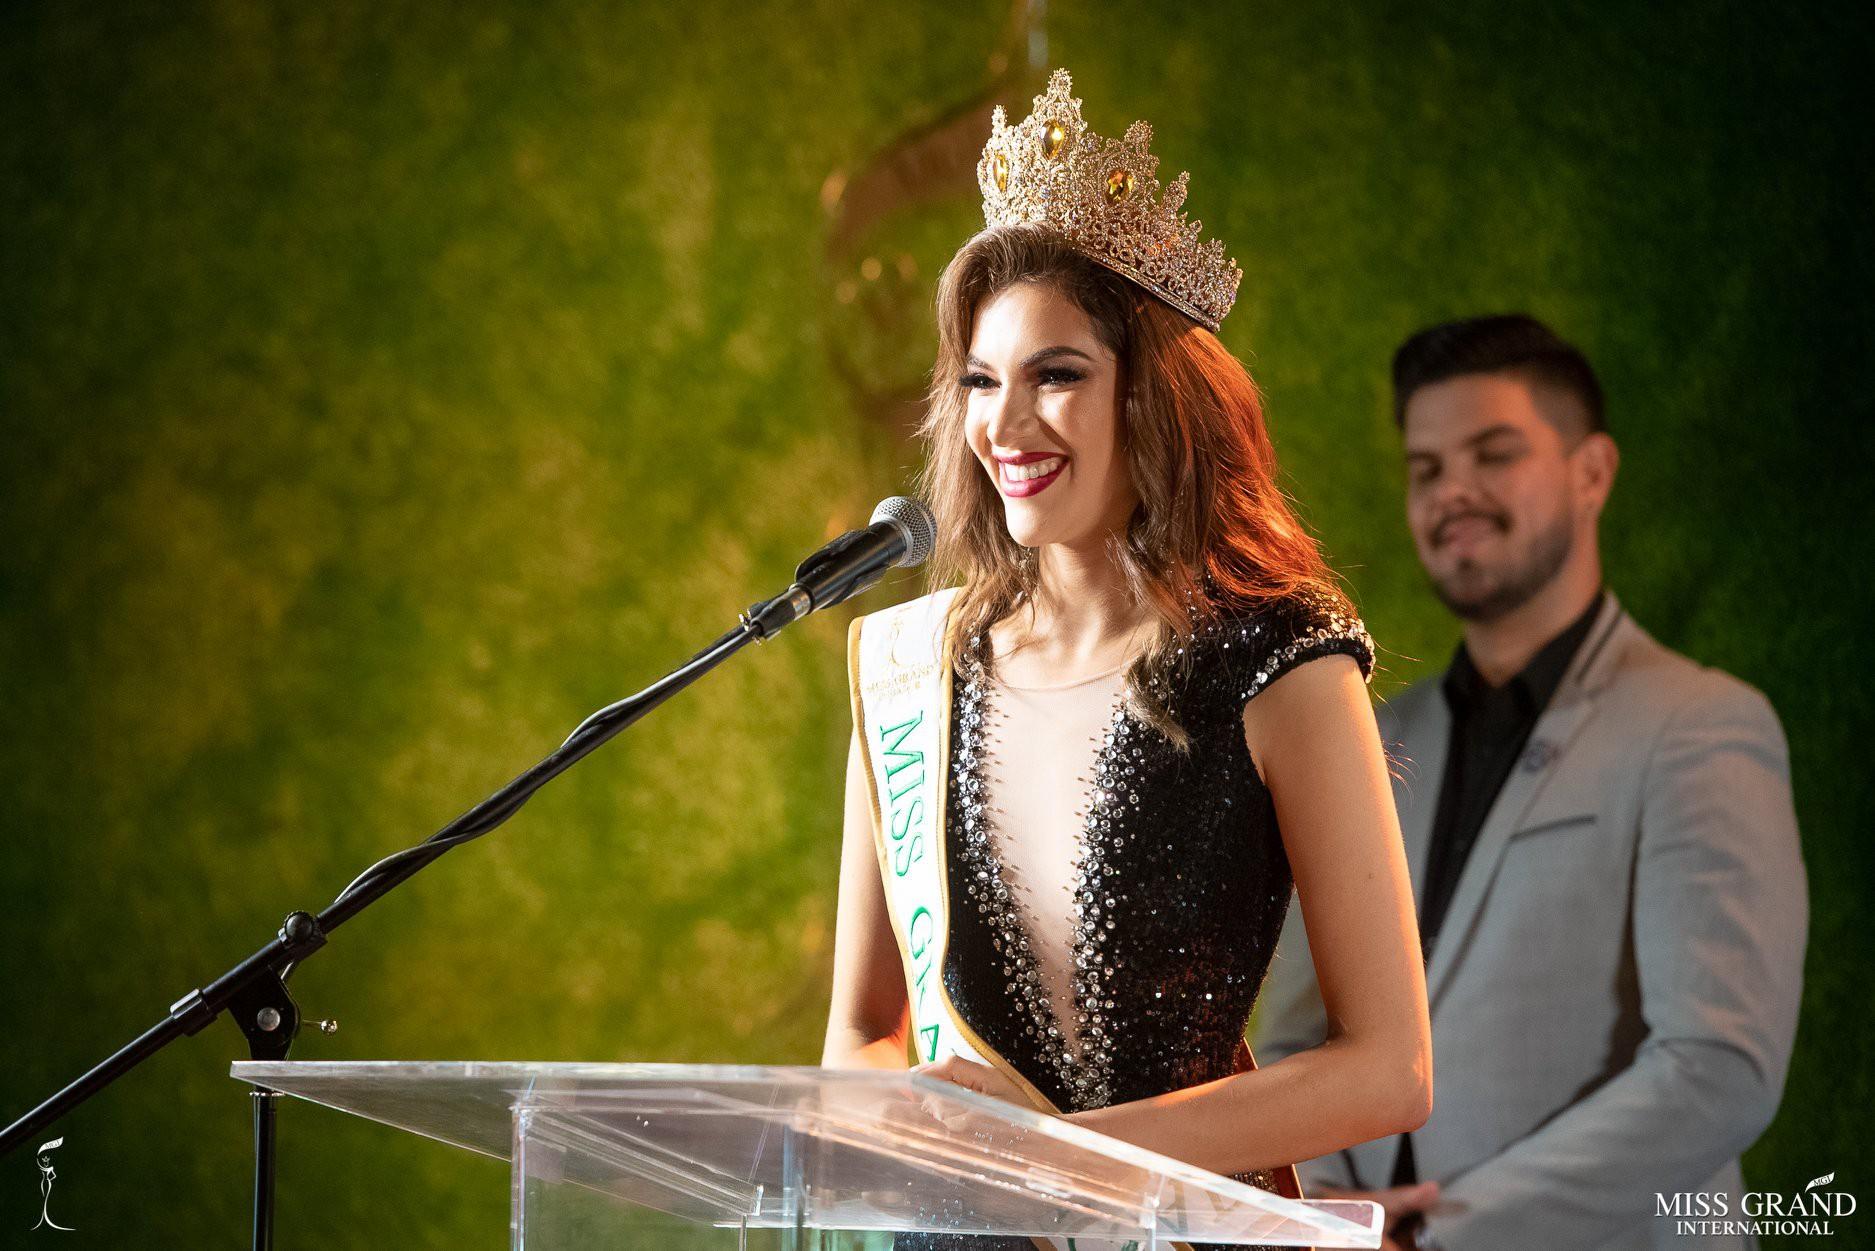 Nhan sắc rực rỡ của Hoa hậu Hòa bình Ecuador 2019  - Ảnh 7.